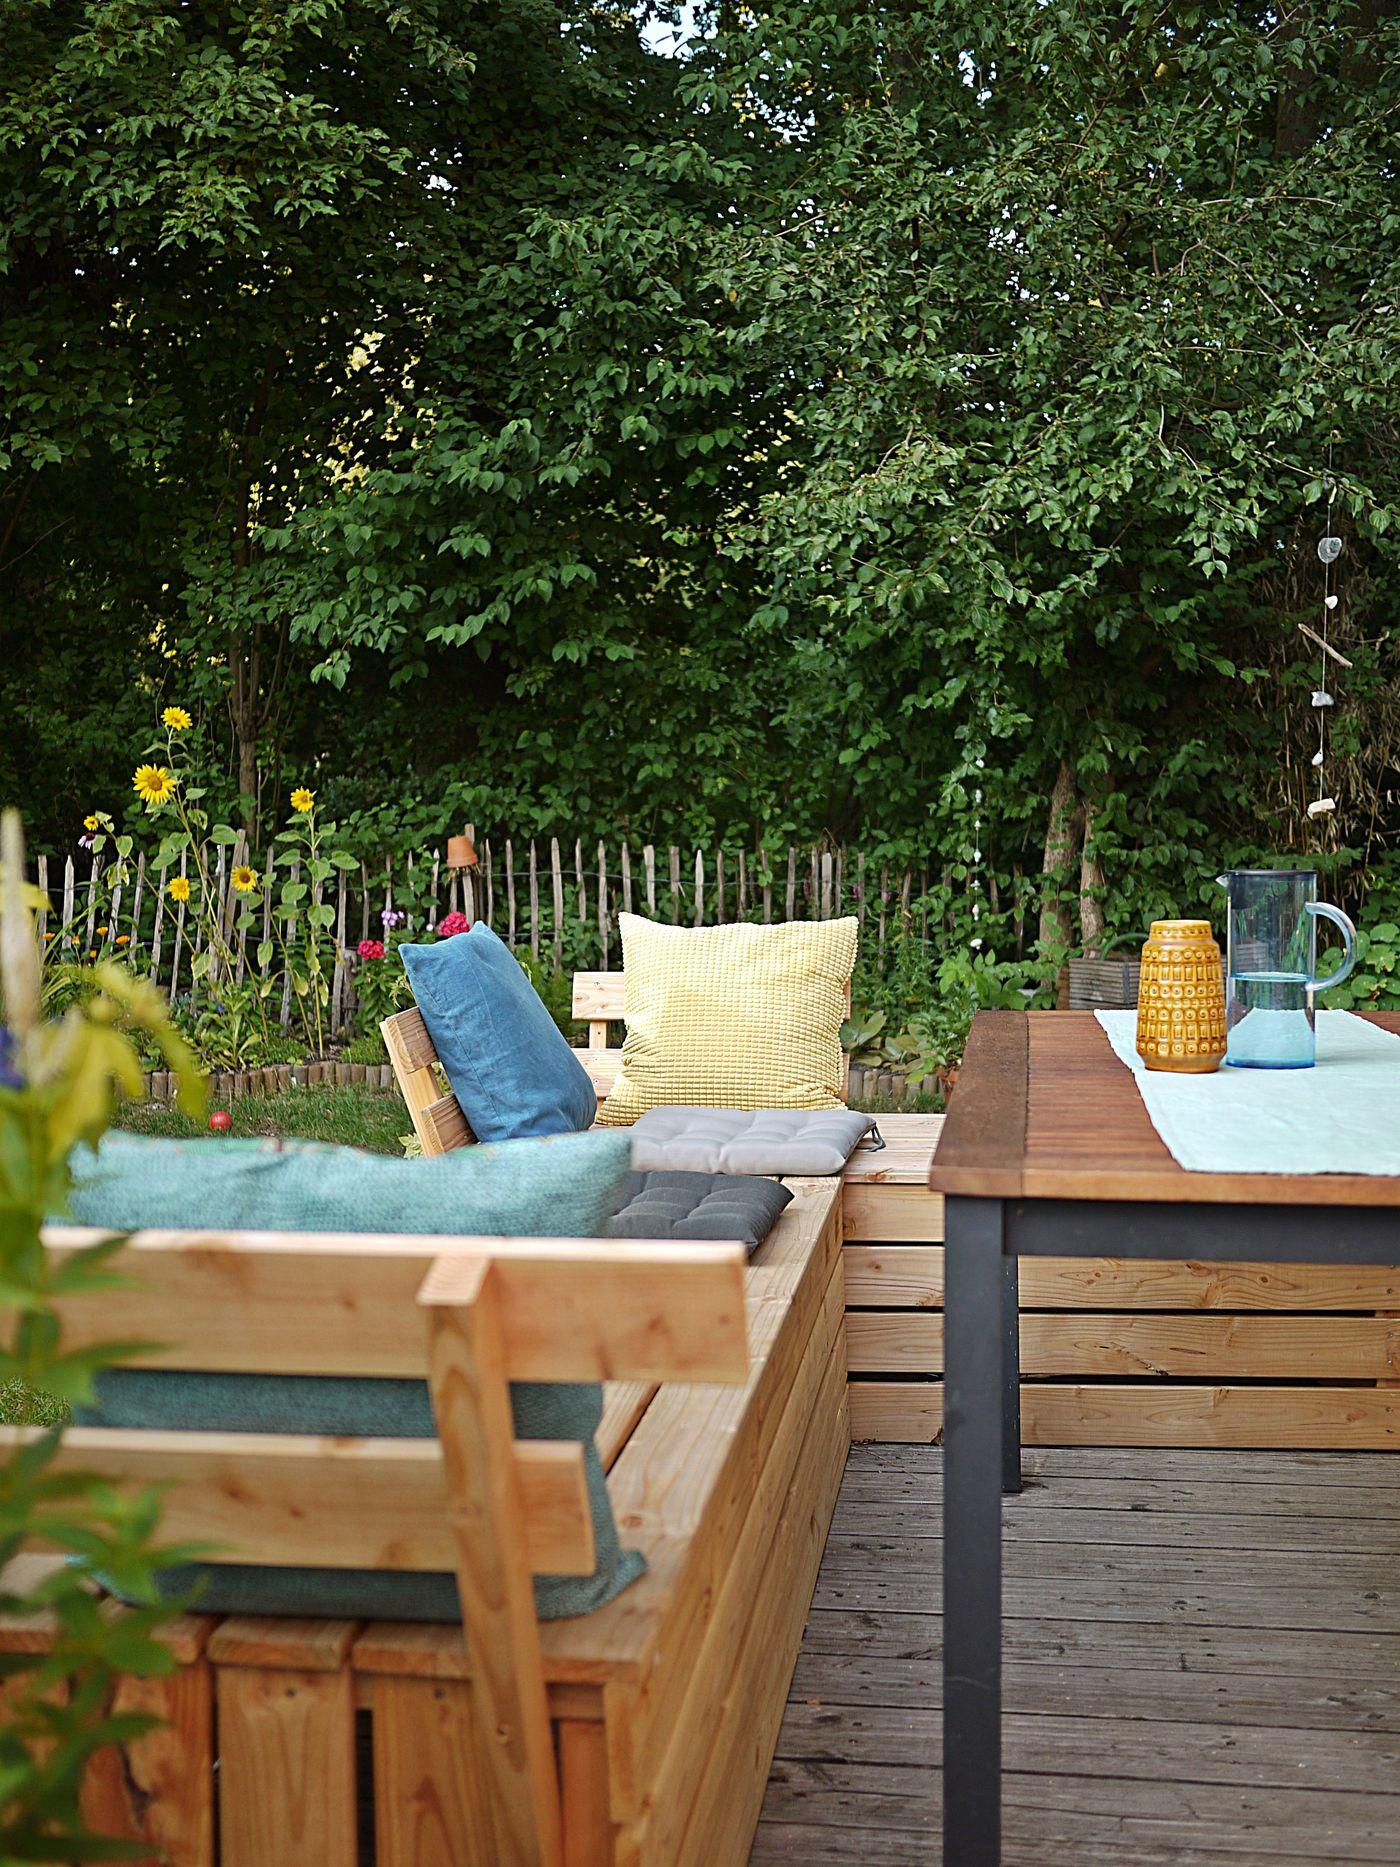 Gartenzaun Ideen 15 Gunstige Aber Stilvolle Ideen Fur Den